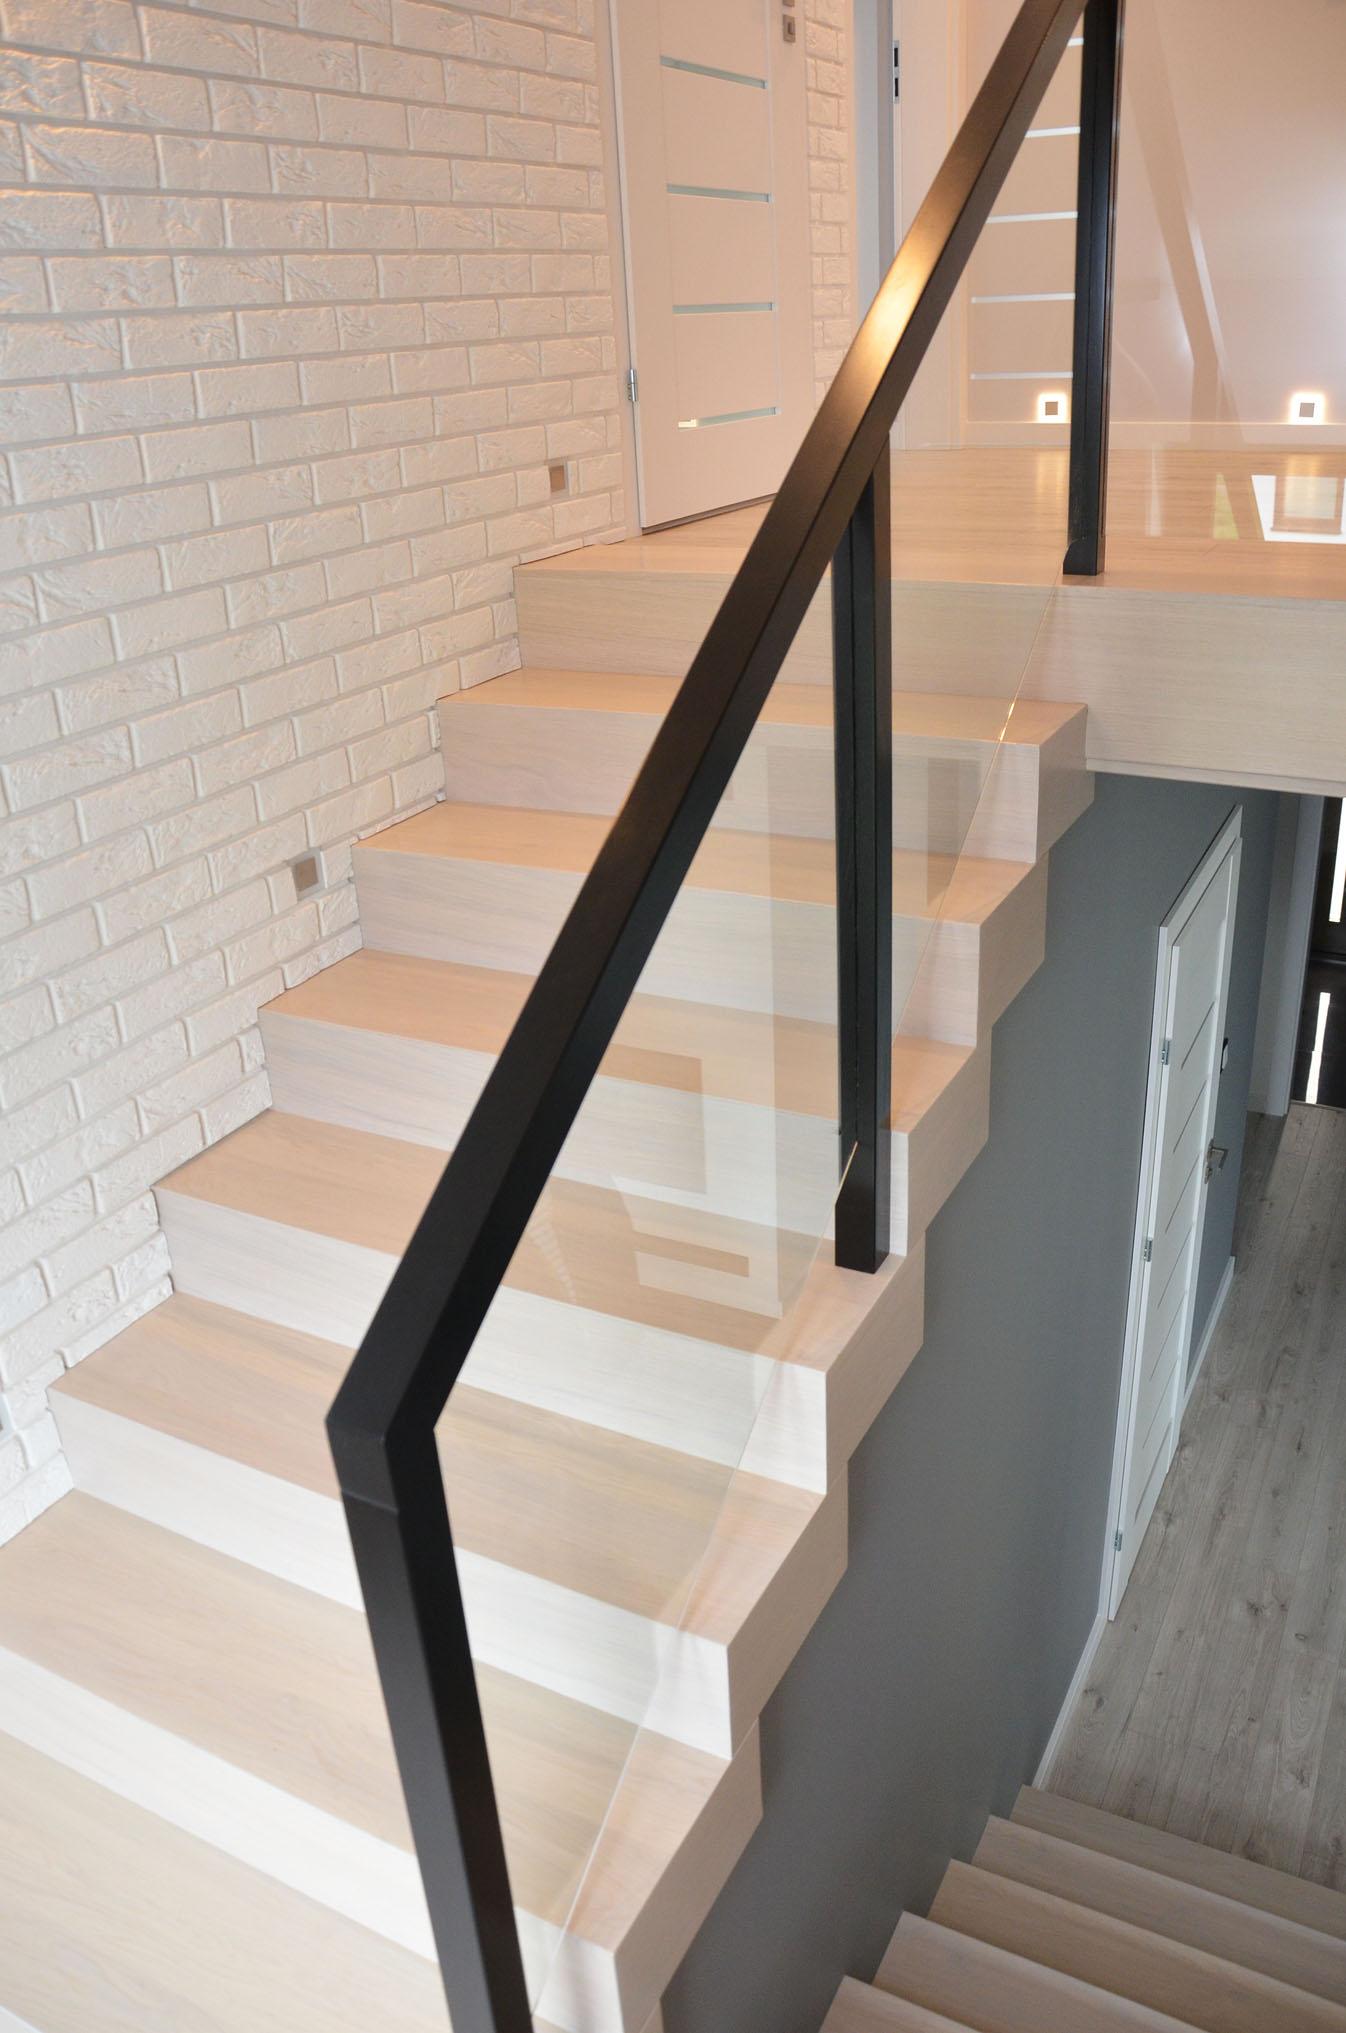 ab-schody-drewniane-dab-bielony-z-czarna-balustrada-1